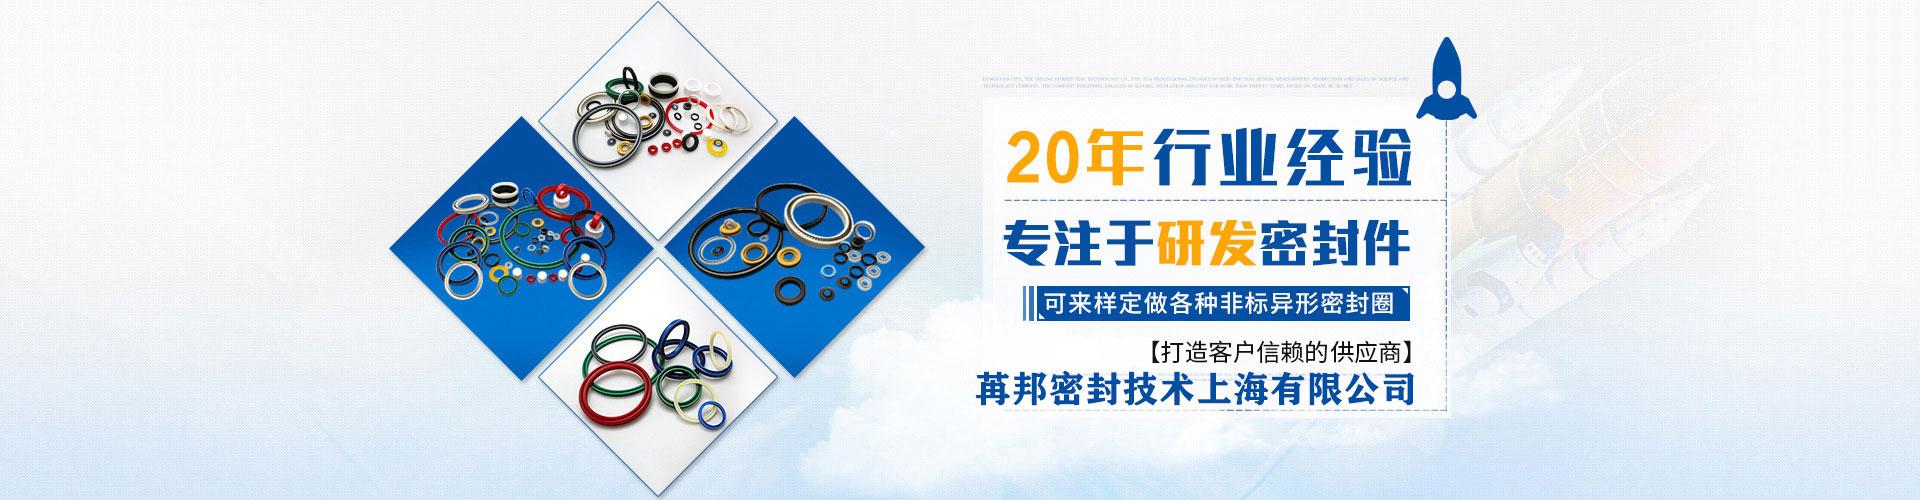 苒邦密封技术上海有限公司是专业生产橡胶垫片的公司